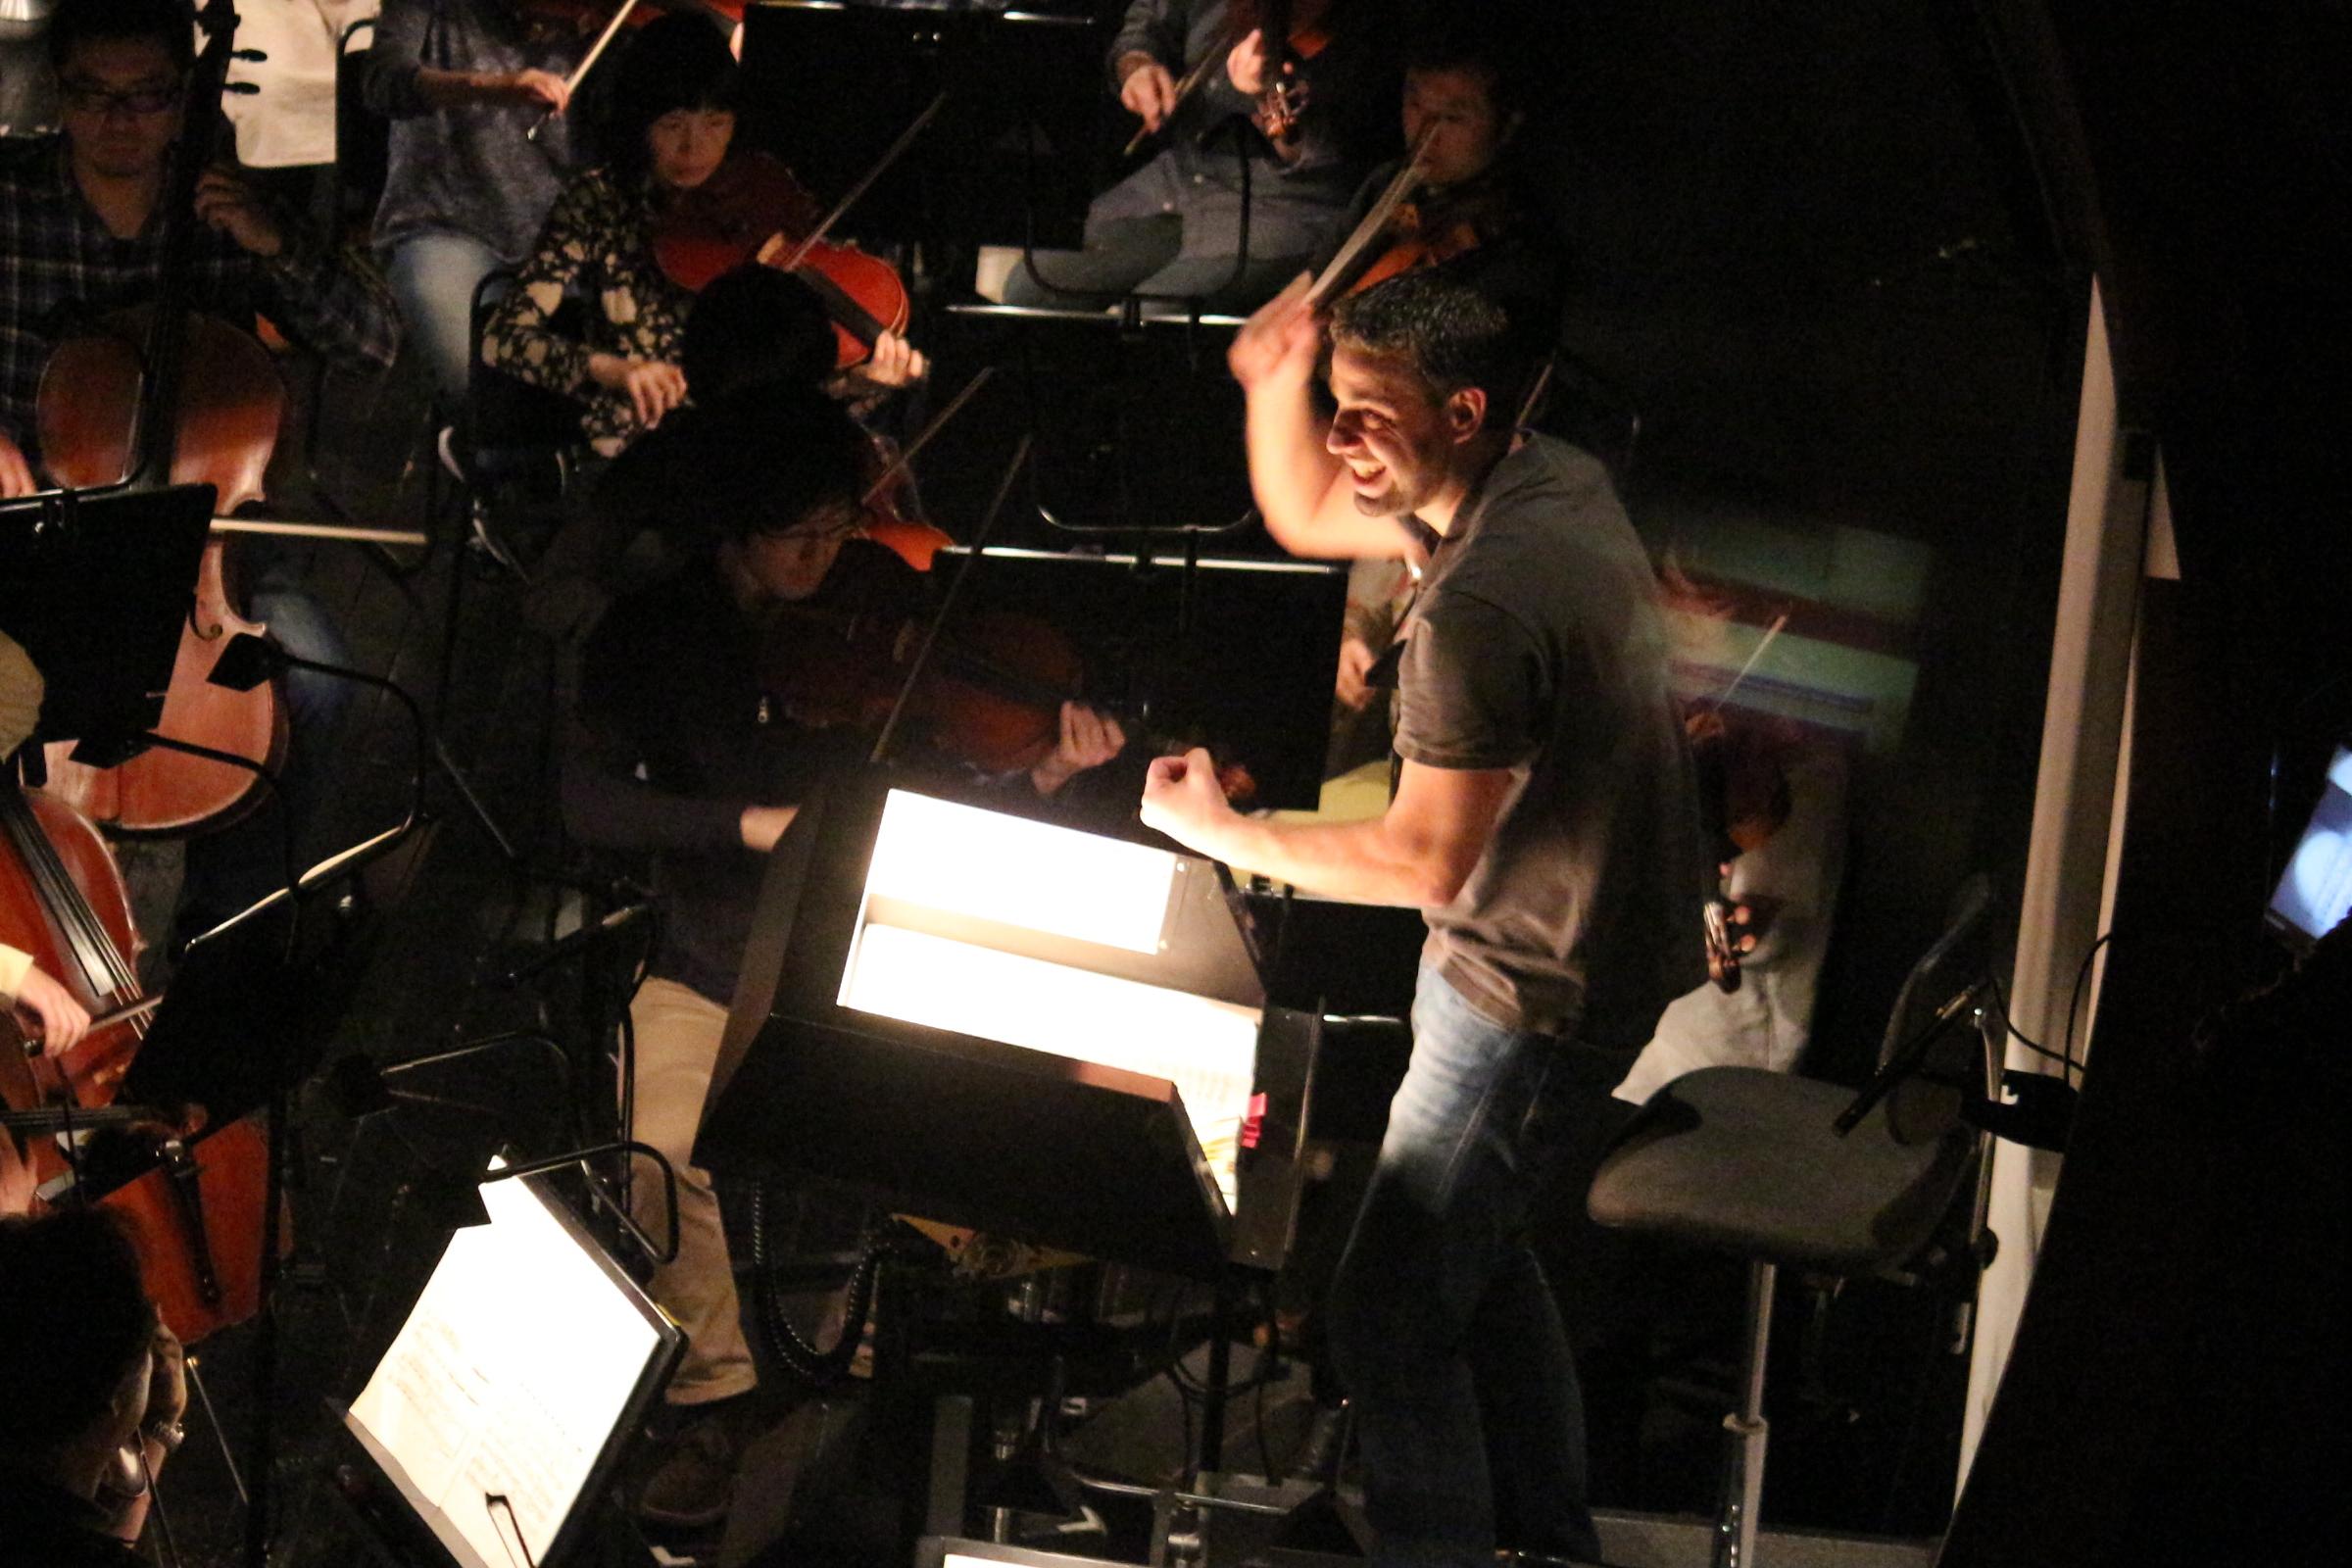 ヤデル・ビニャミーニ、この機会にぜひ聴いていただきたい指揮者だ (新国立劇場提供)